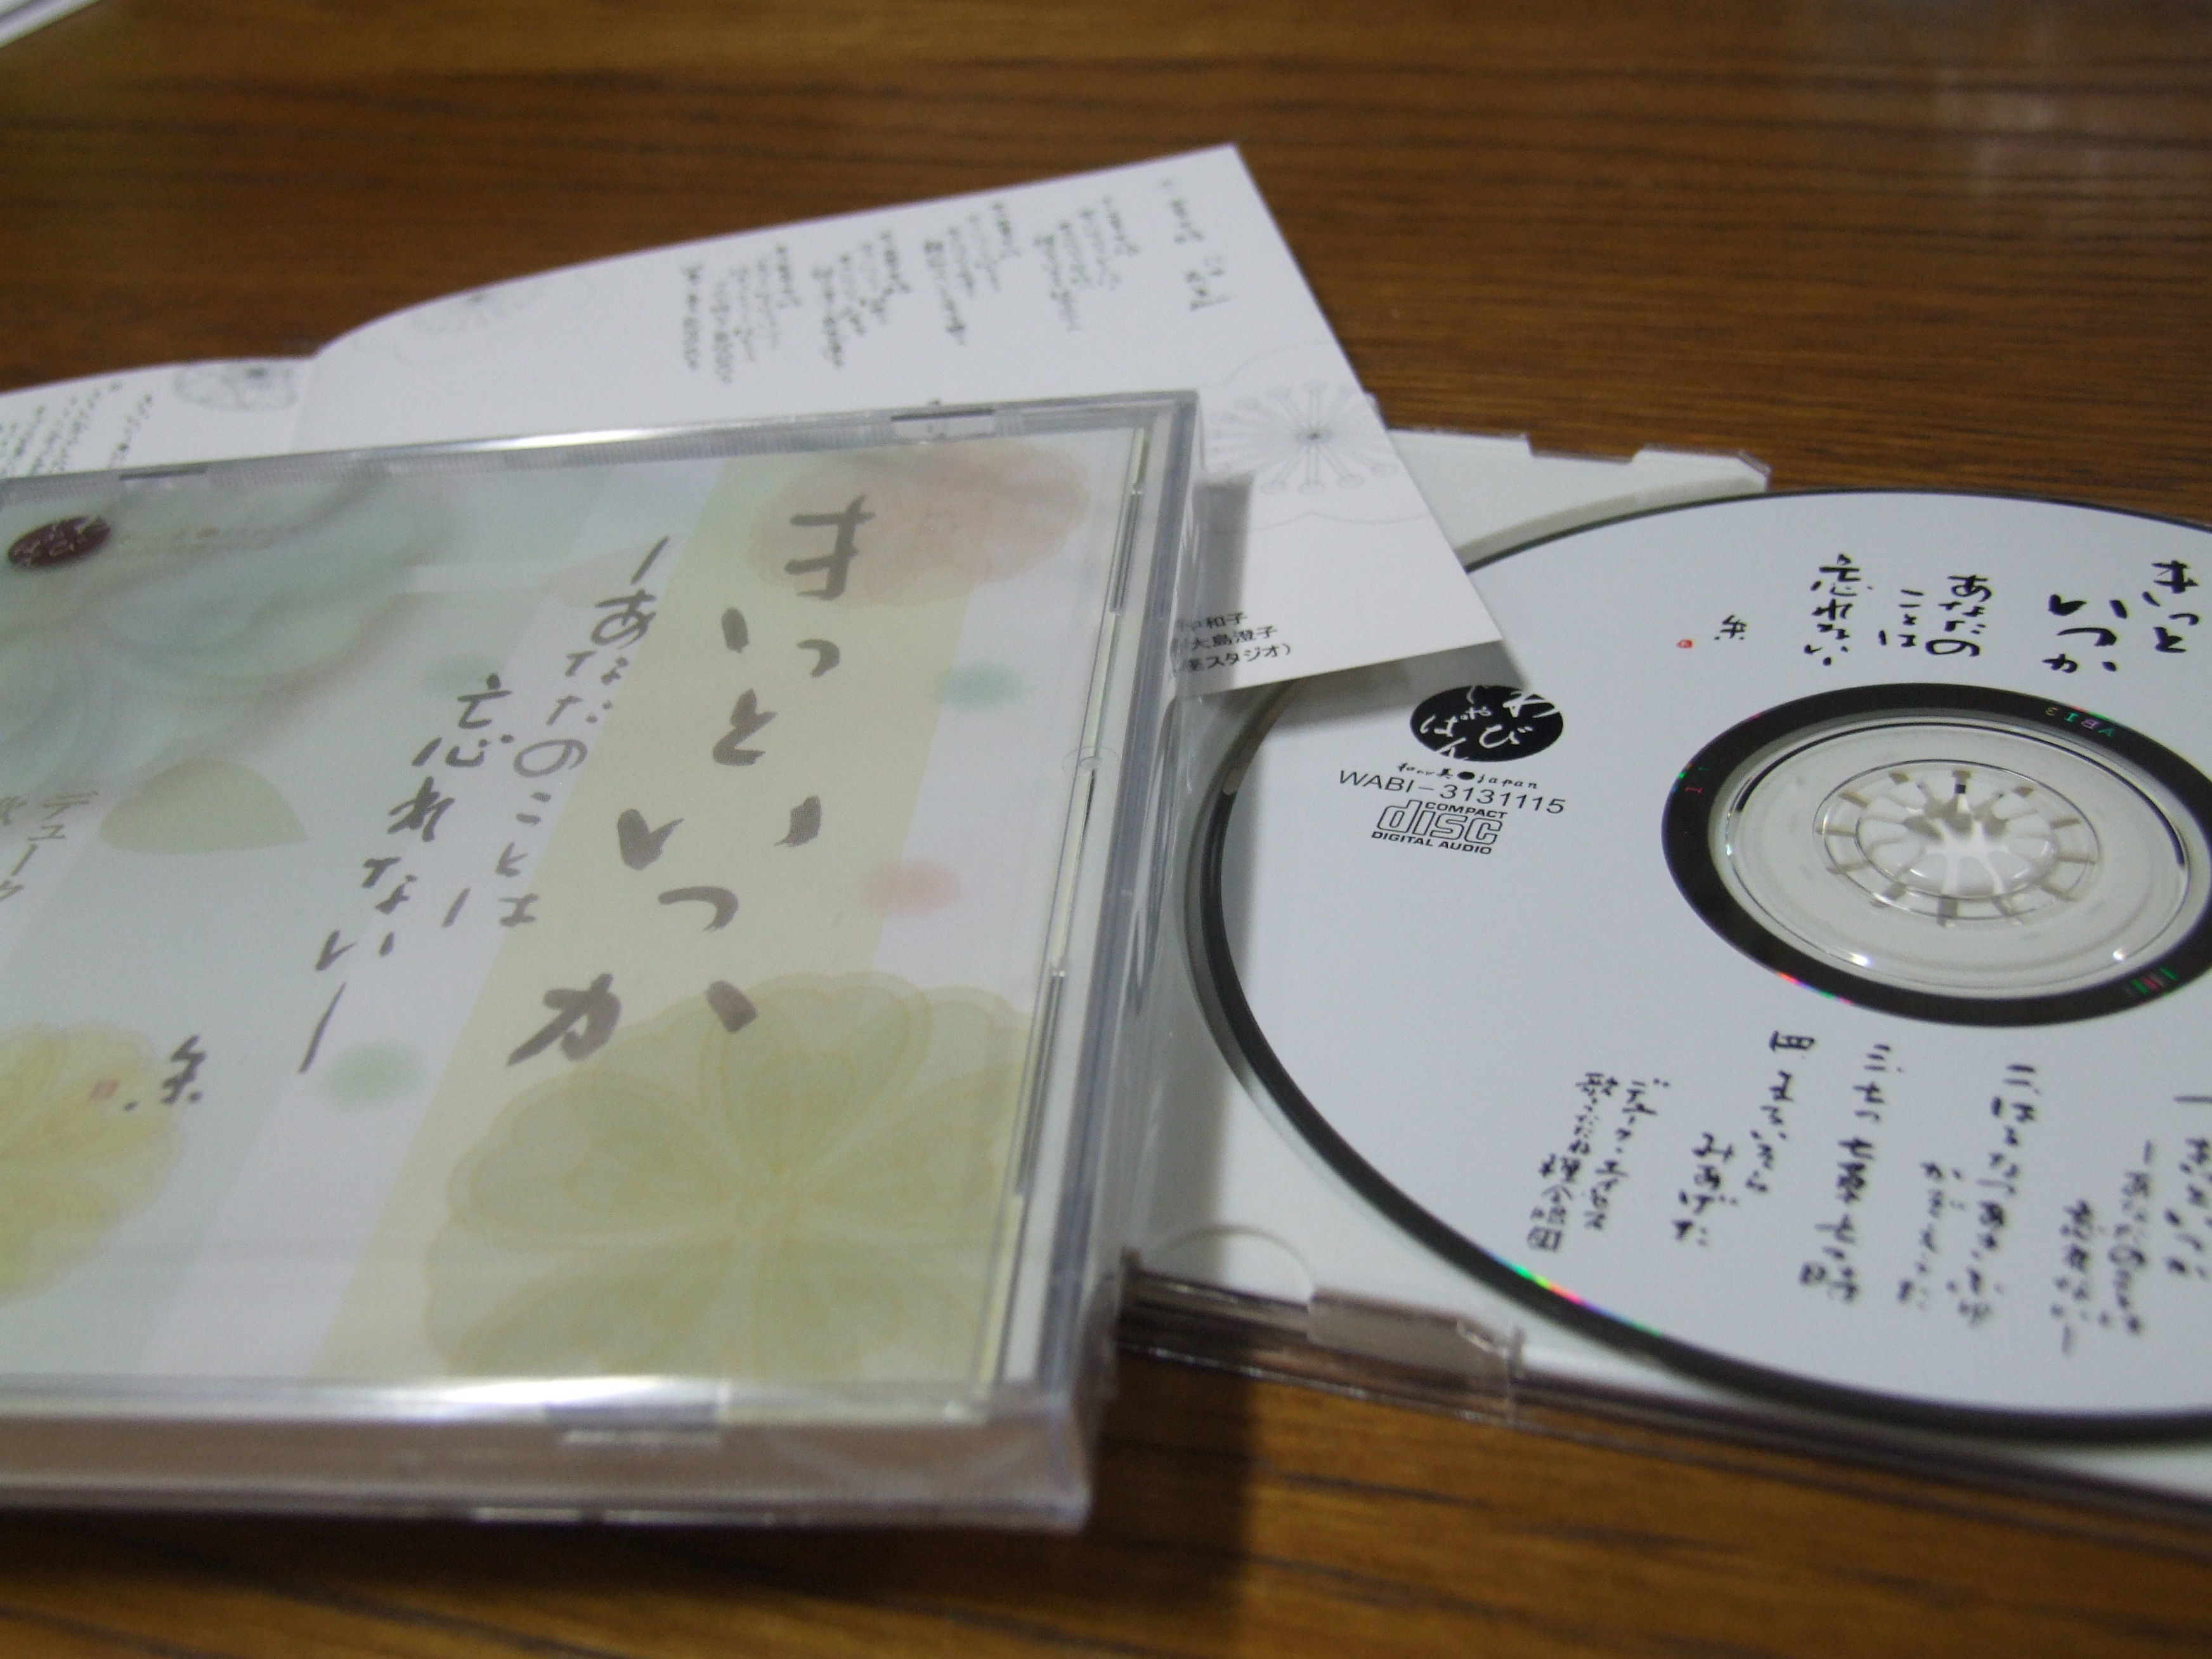 オリジナルCD「きっといつか ~あなたのことは忘れない~」